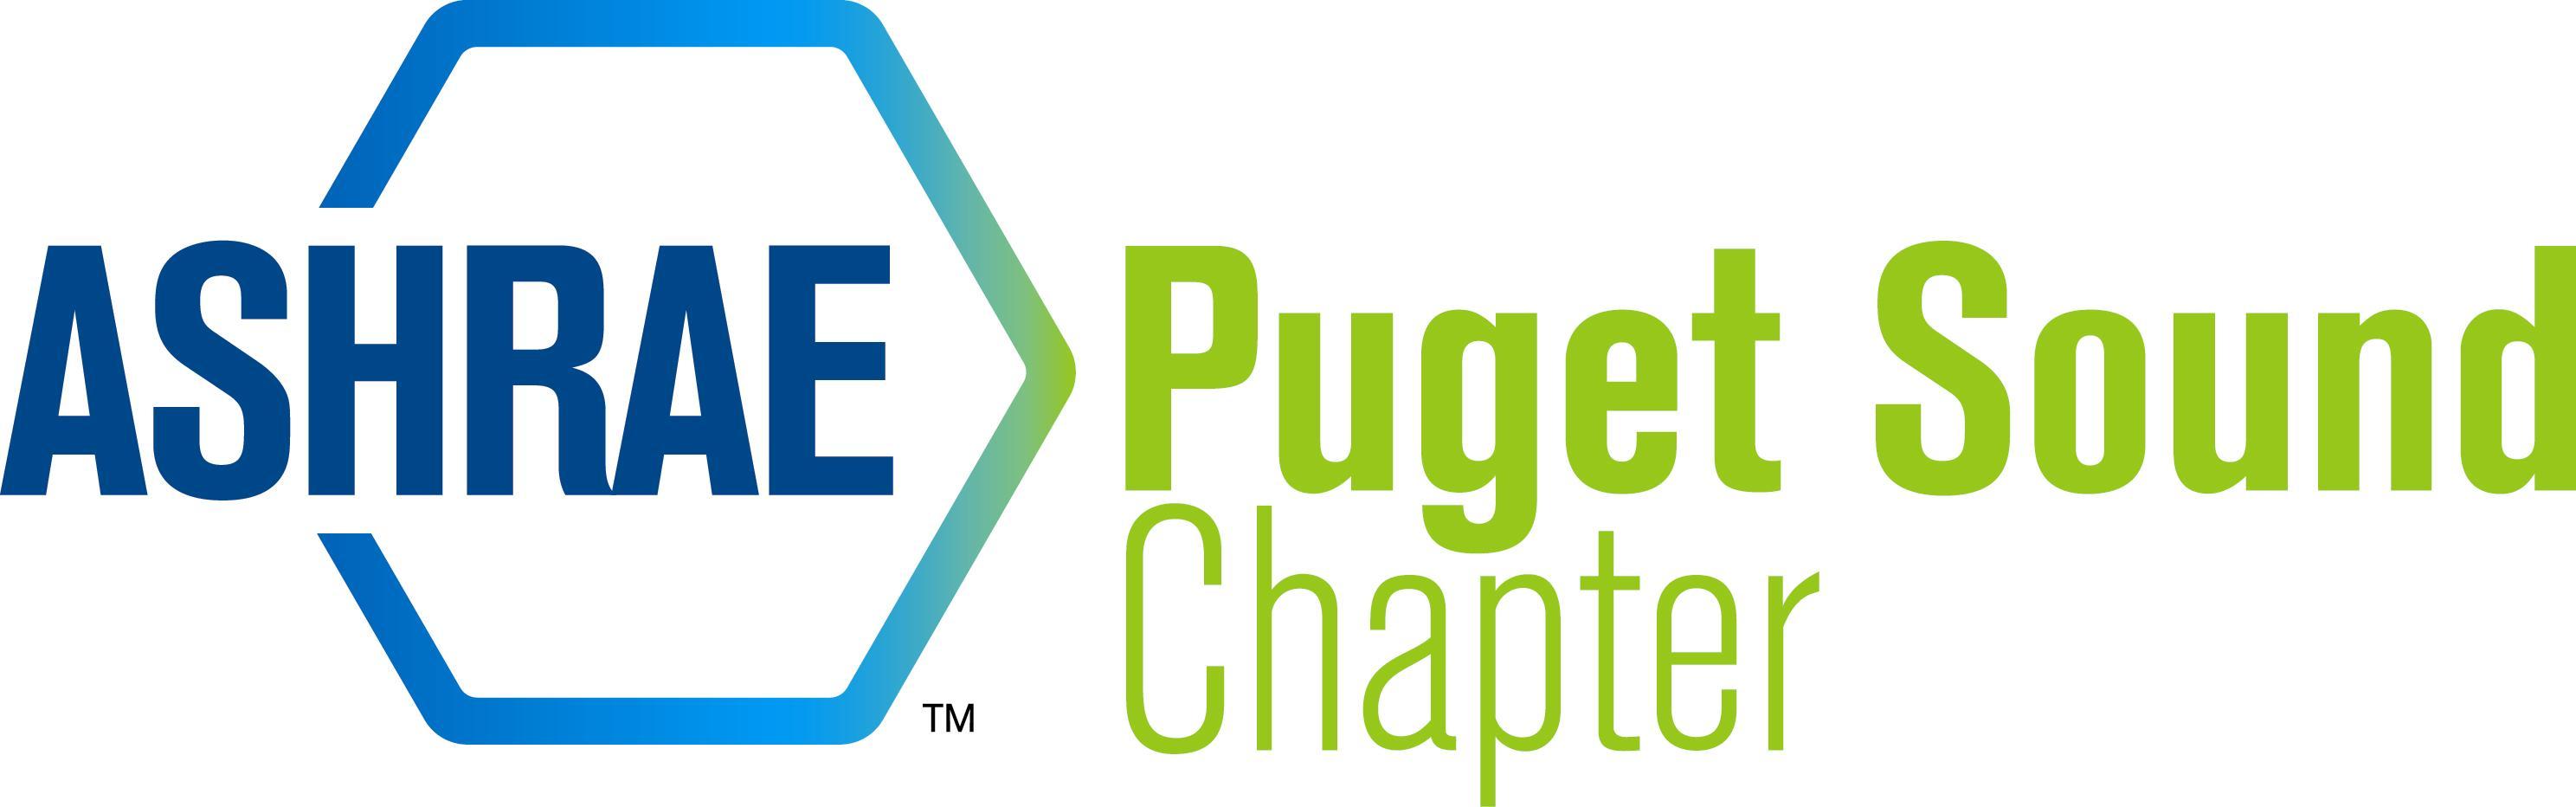 ASHRAE Puget Sound Chapter